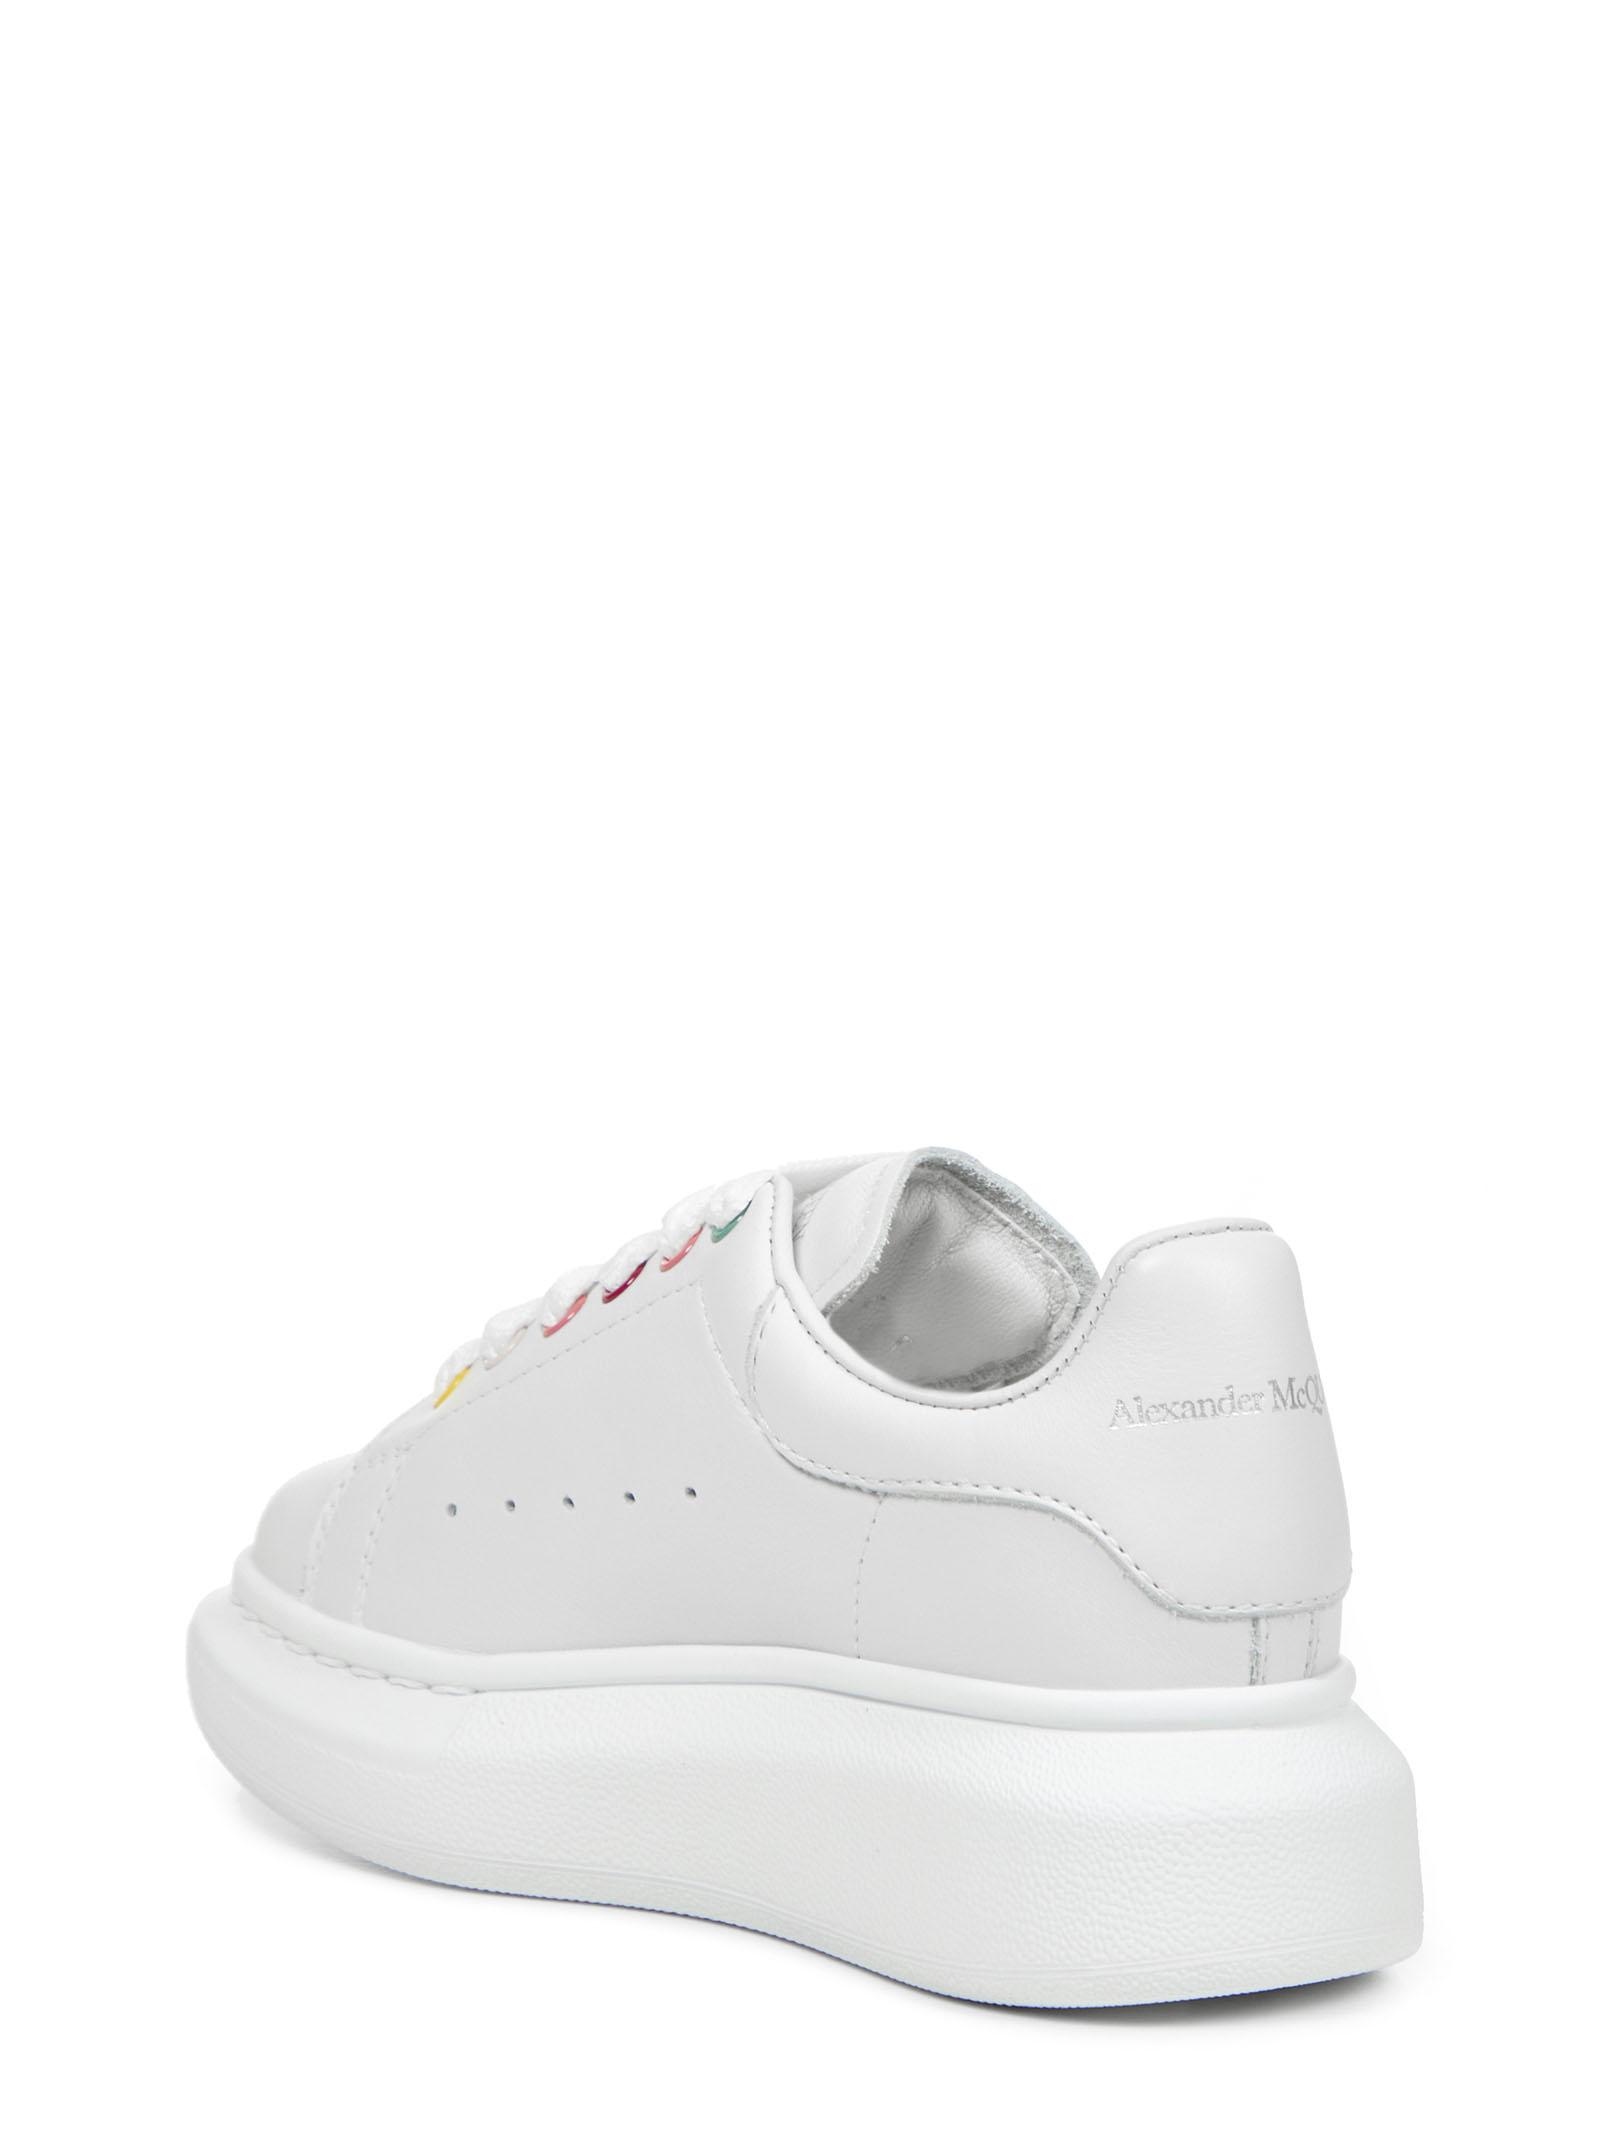 Alexander McQueen Kids Molly Sneakers